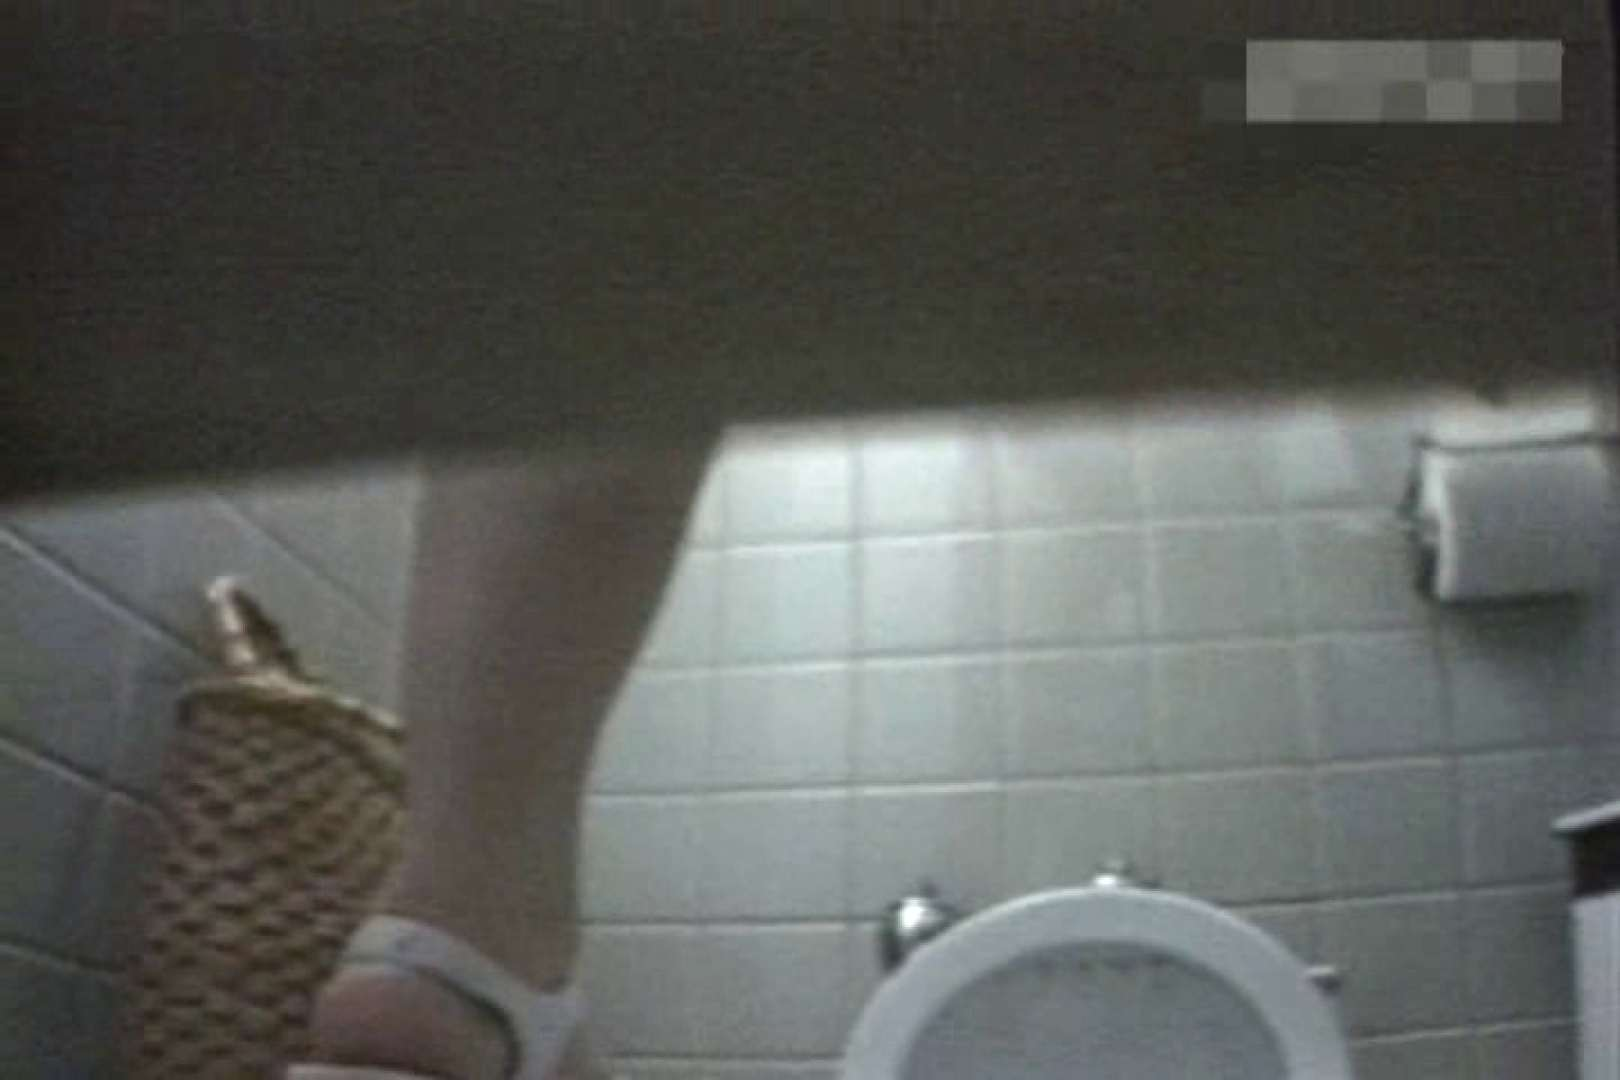 個室狂いのマニア映像Vol.2 OLセックス  98画像 32